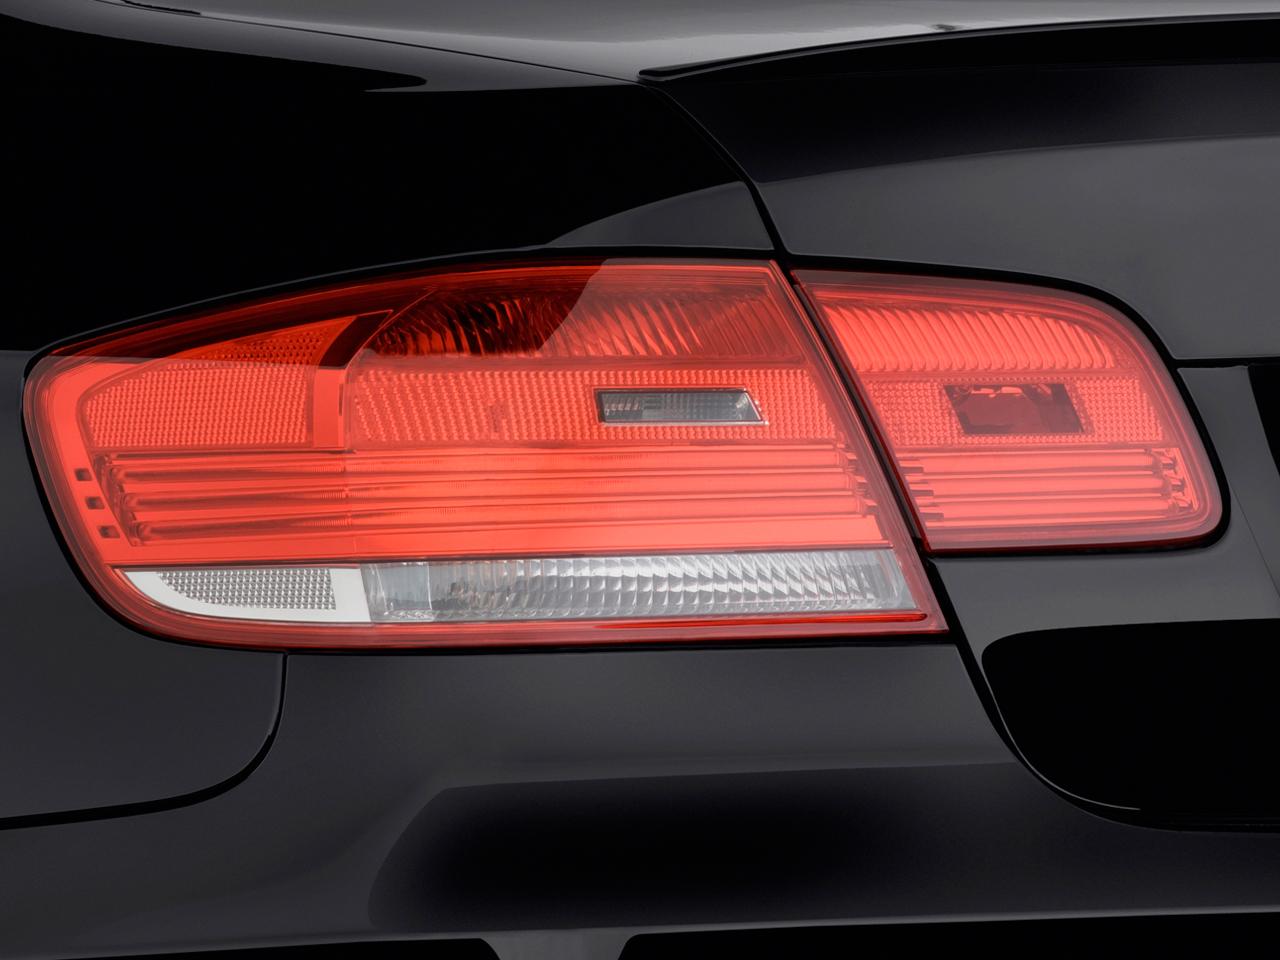 2009 bmw 335i e92 headlights